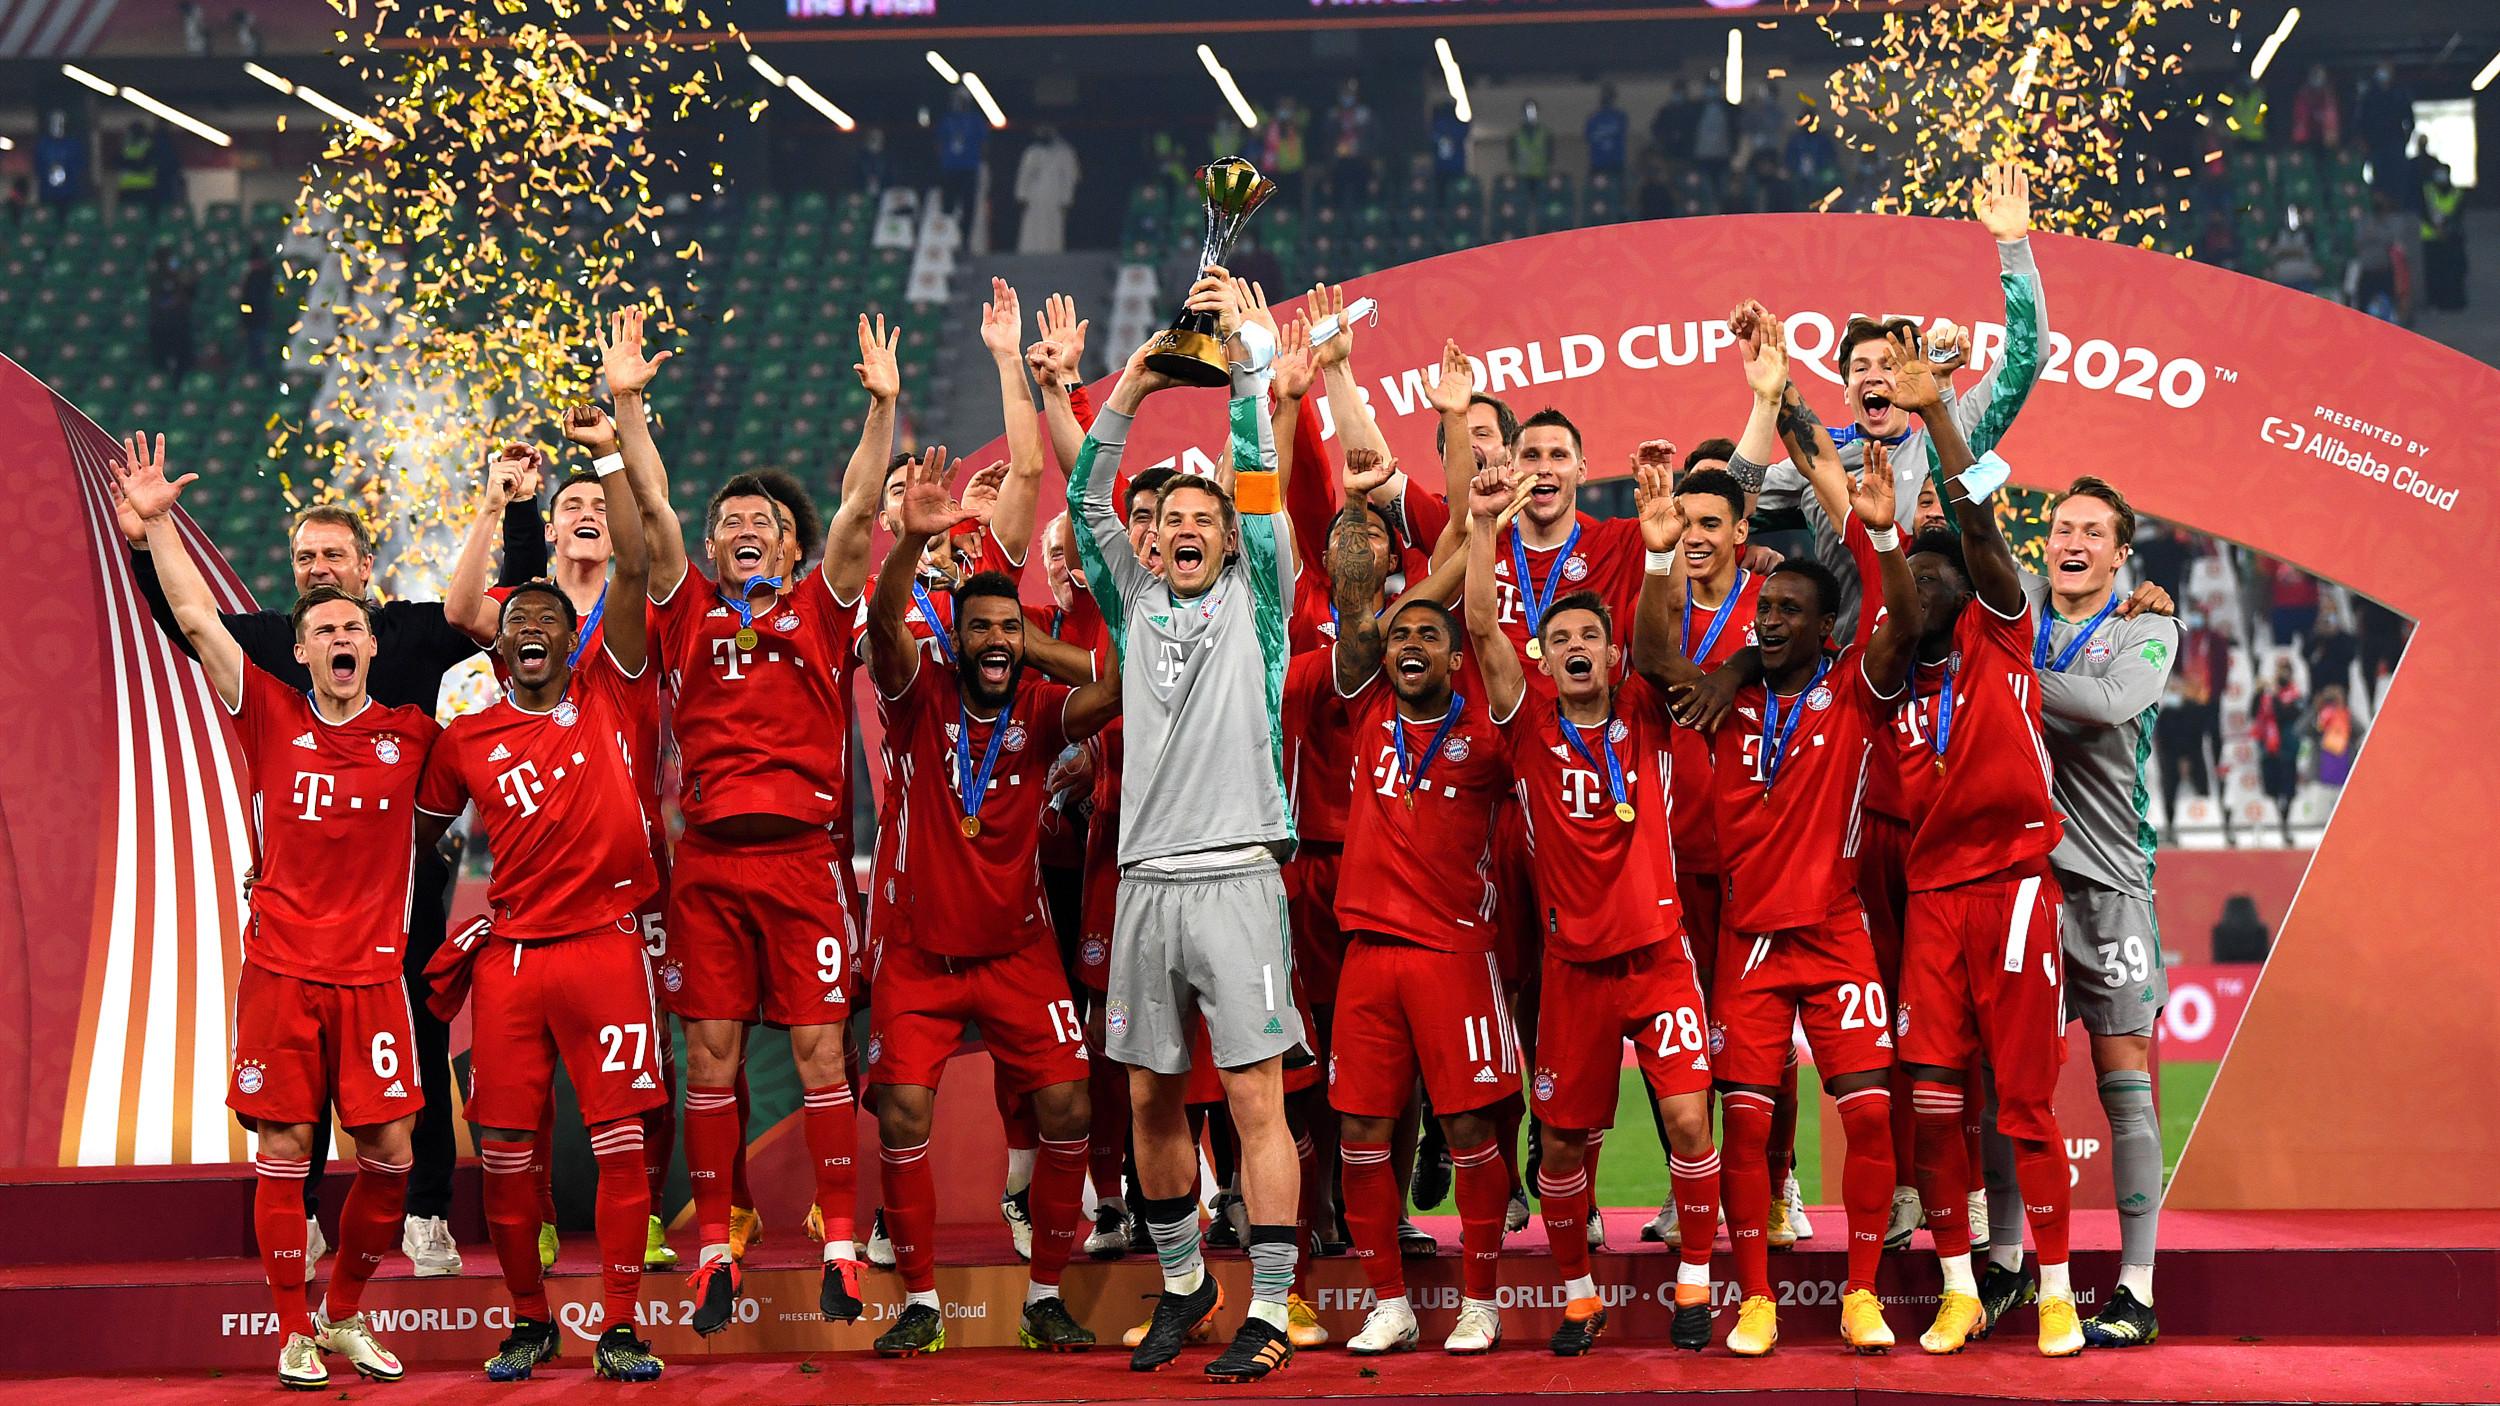 拜仁世俱杯奪冠 隊史首獲六冠王